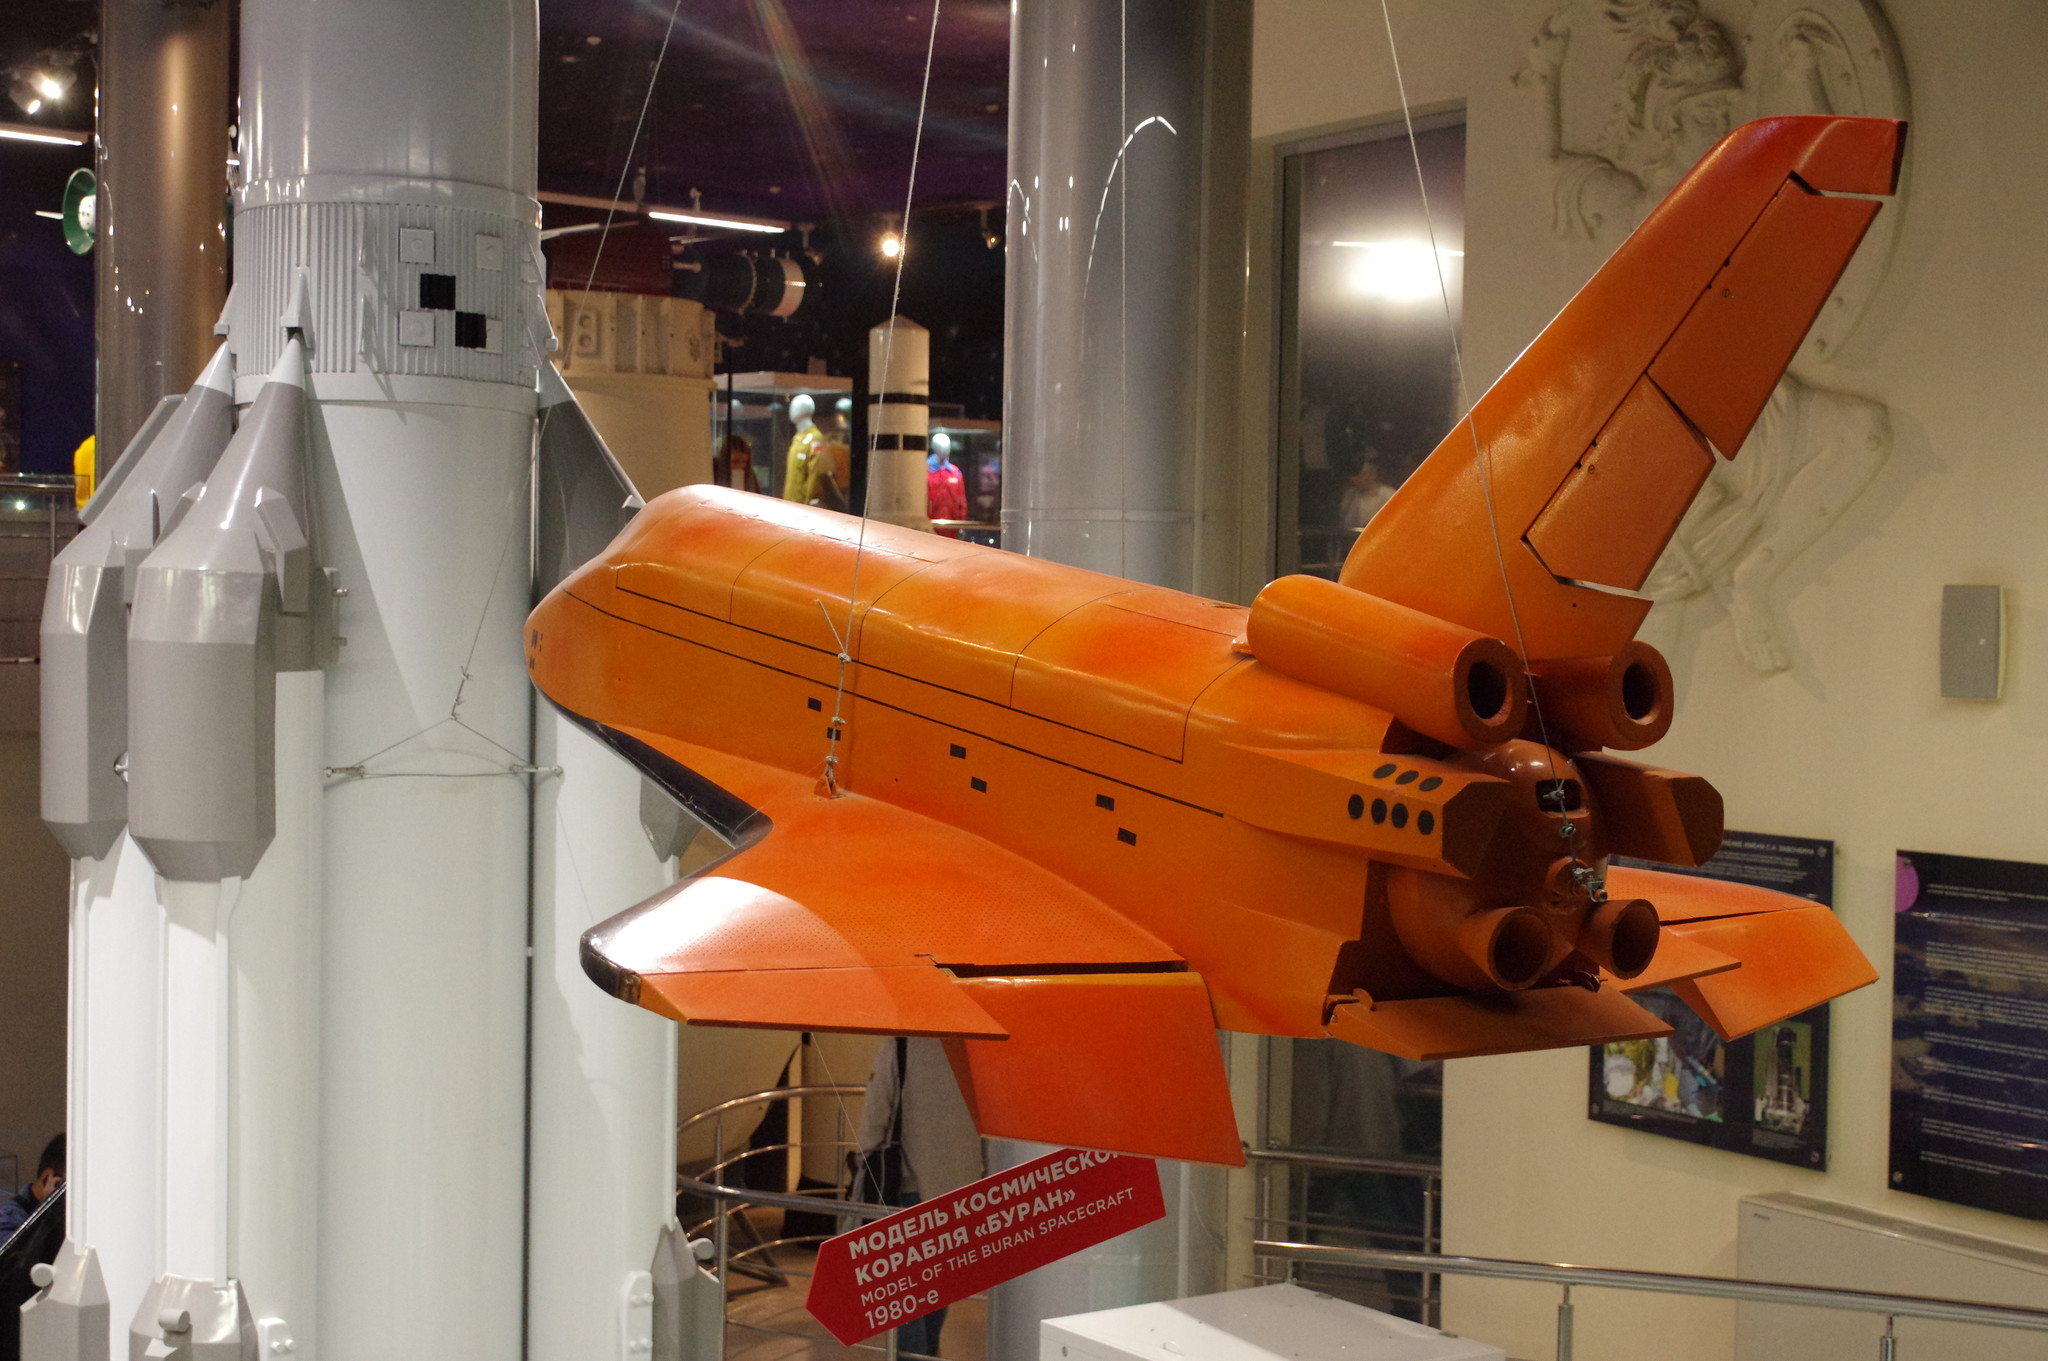 Модель космического корабля «Буран». Мемориальный музей космонавтики (Проспект мира, дом 111)